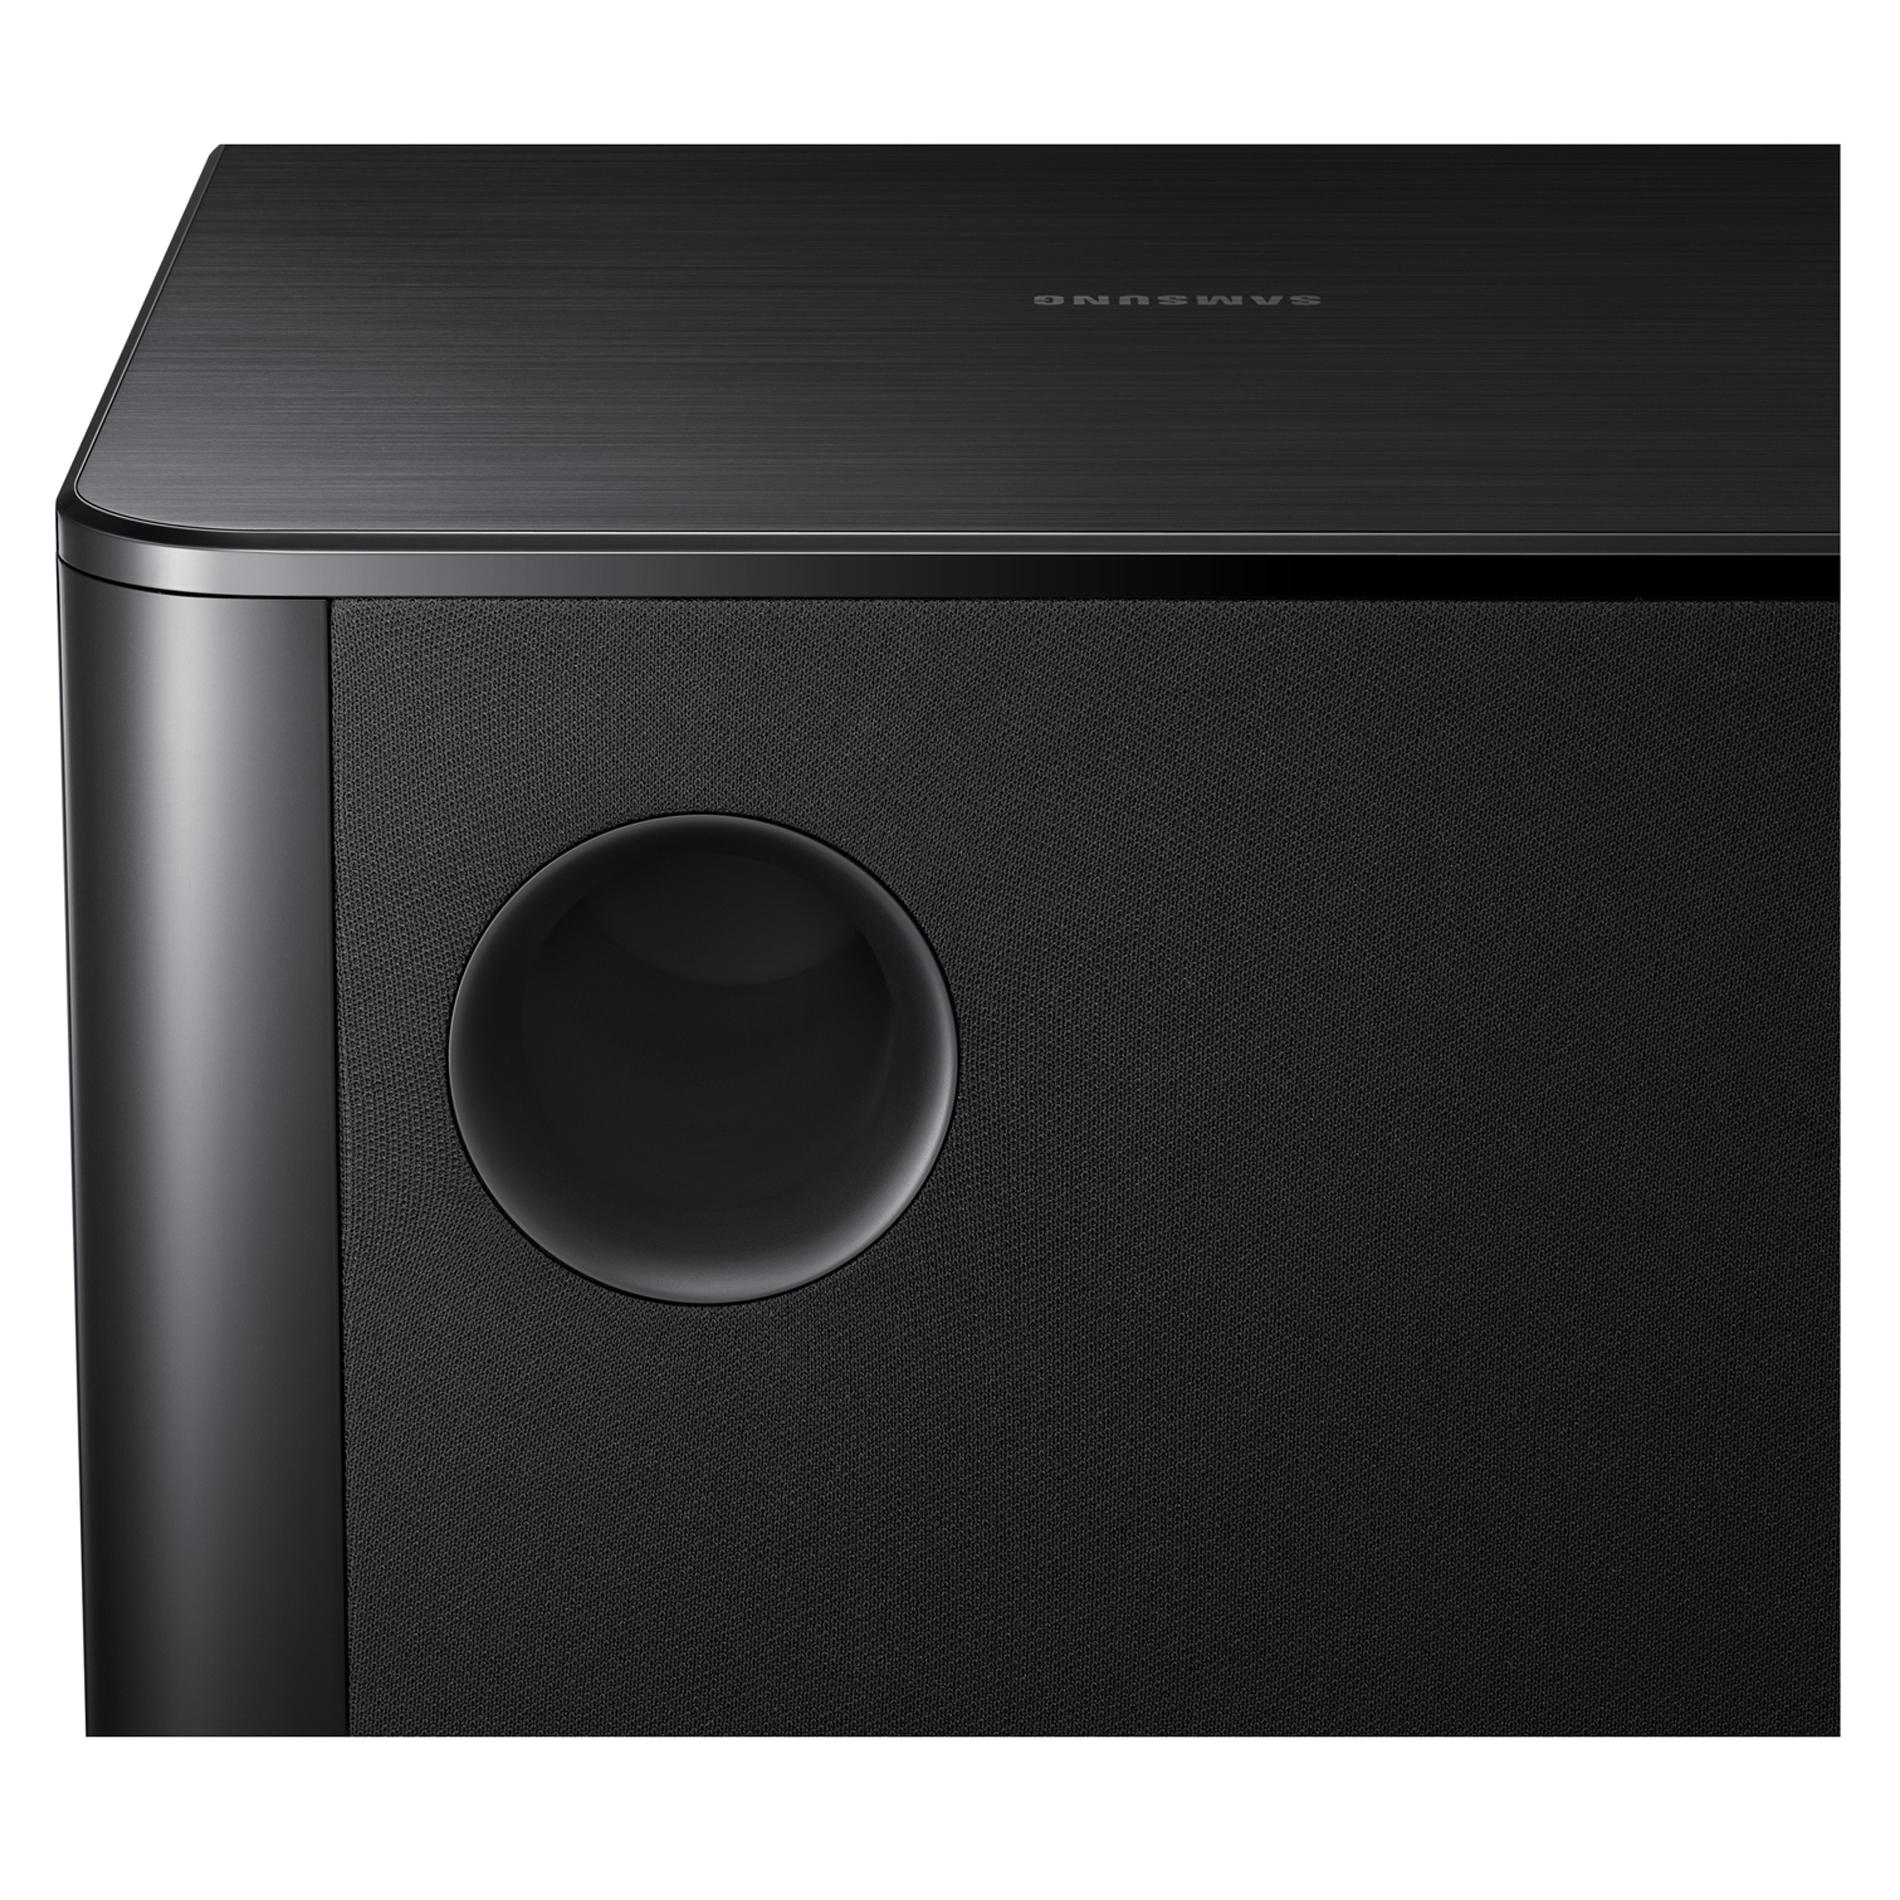 Samsung 2.1 Channel 310W AudioBar HW-F550